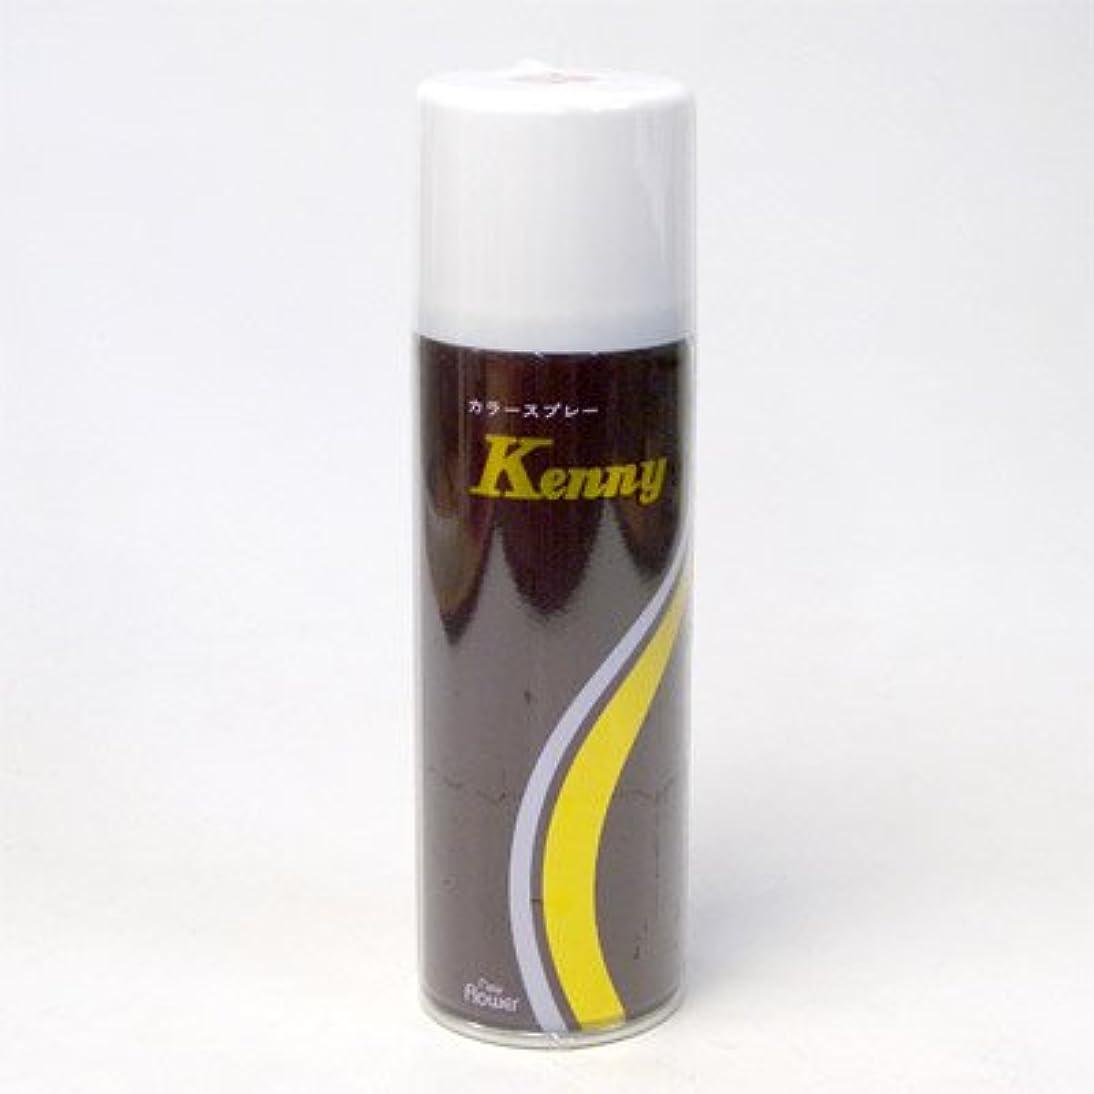 ケニーカラースプレーL 125g 茶 (ブラウン)